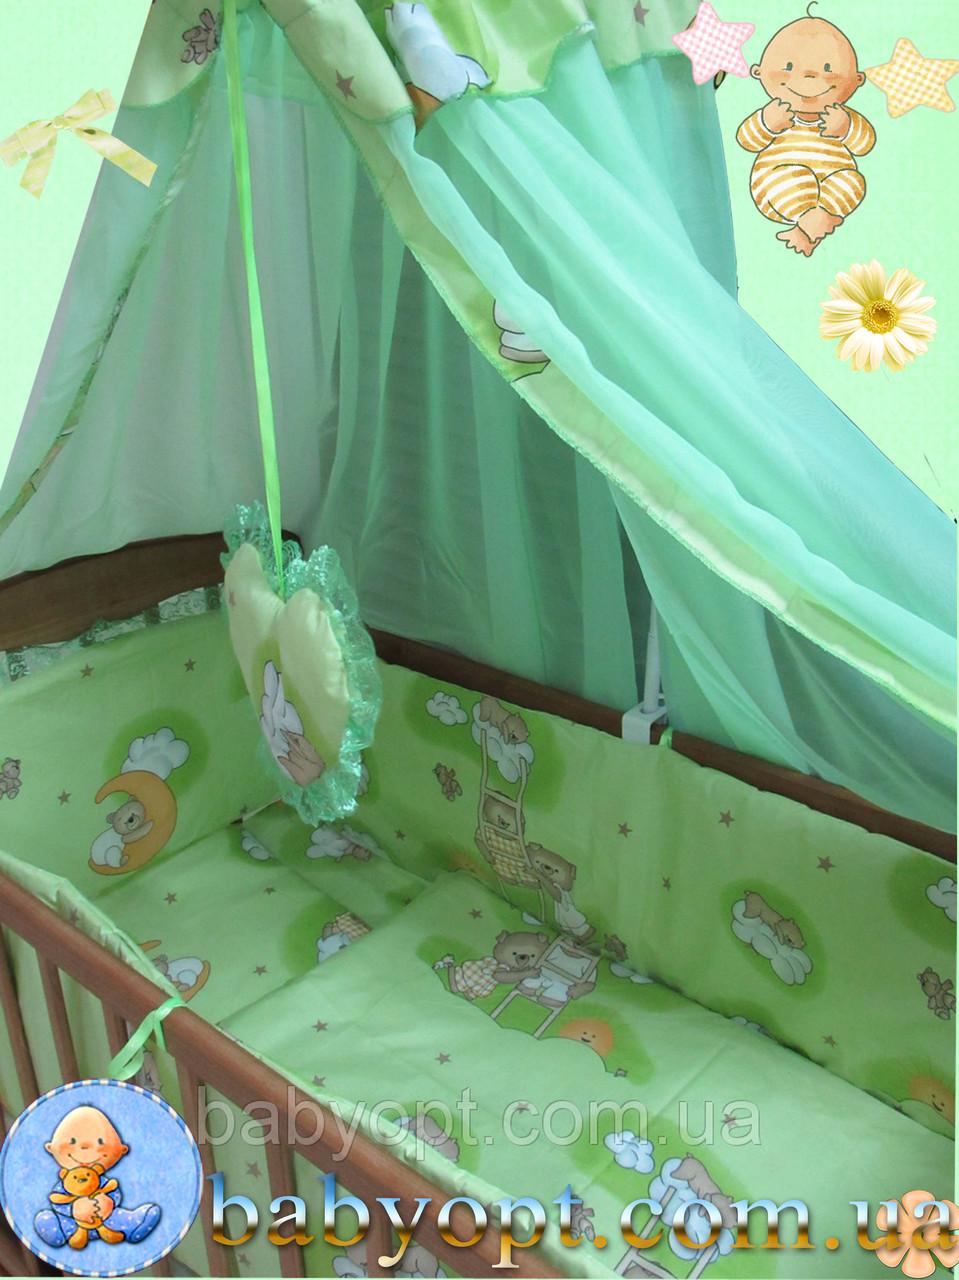 Набор в детскую кроватку ПОЛИКОТОН Мишки на лестнице салатовый 8 эл.